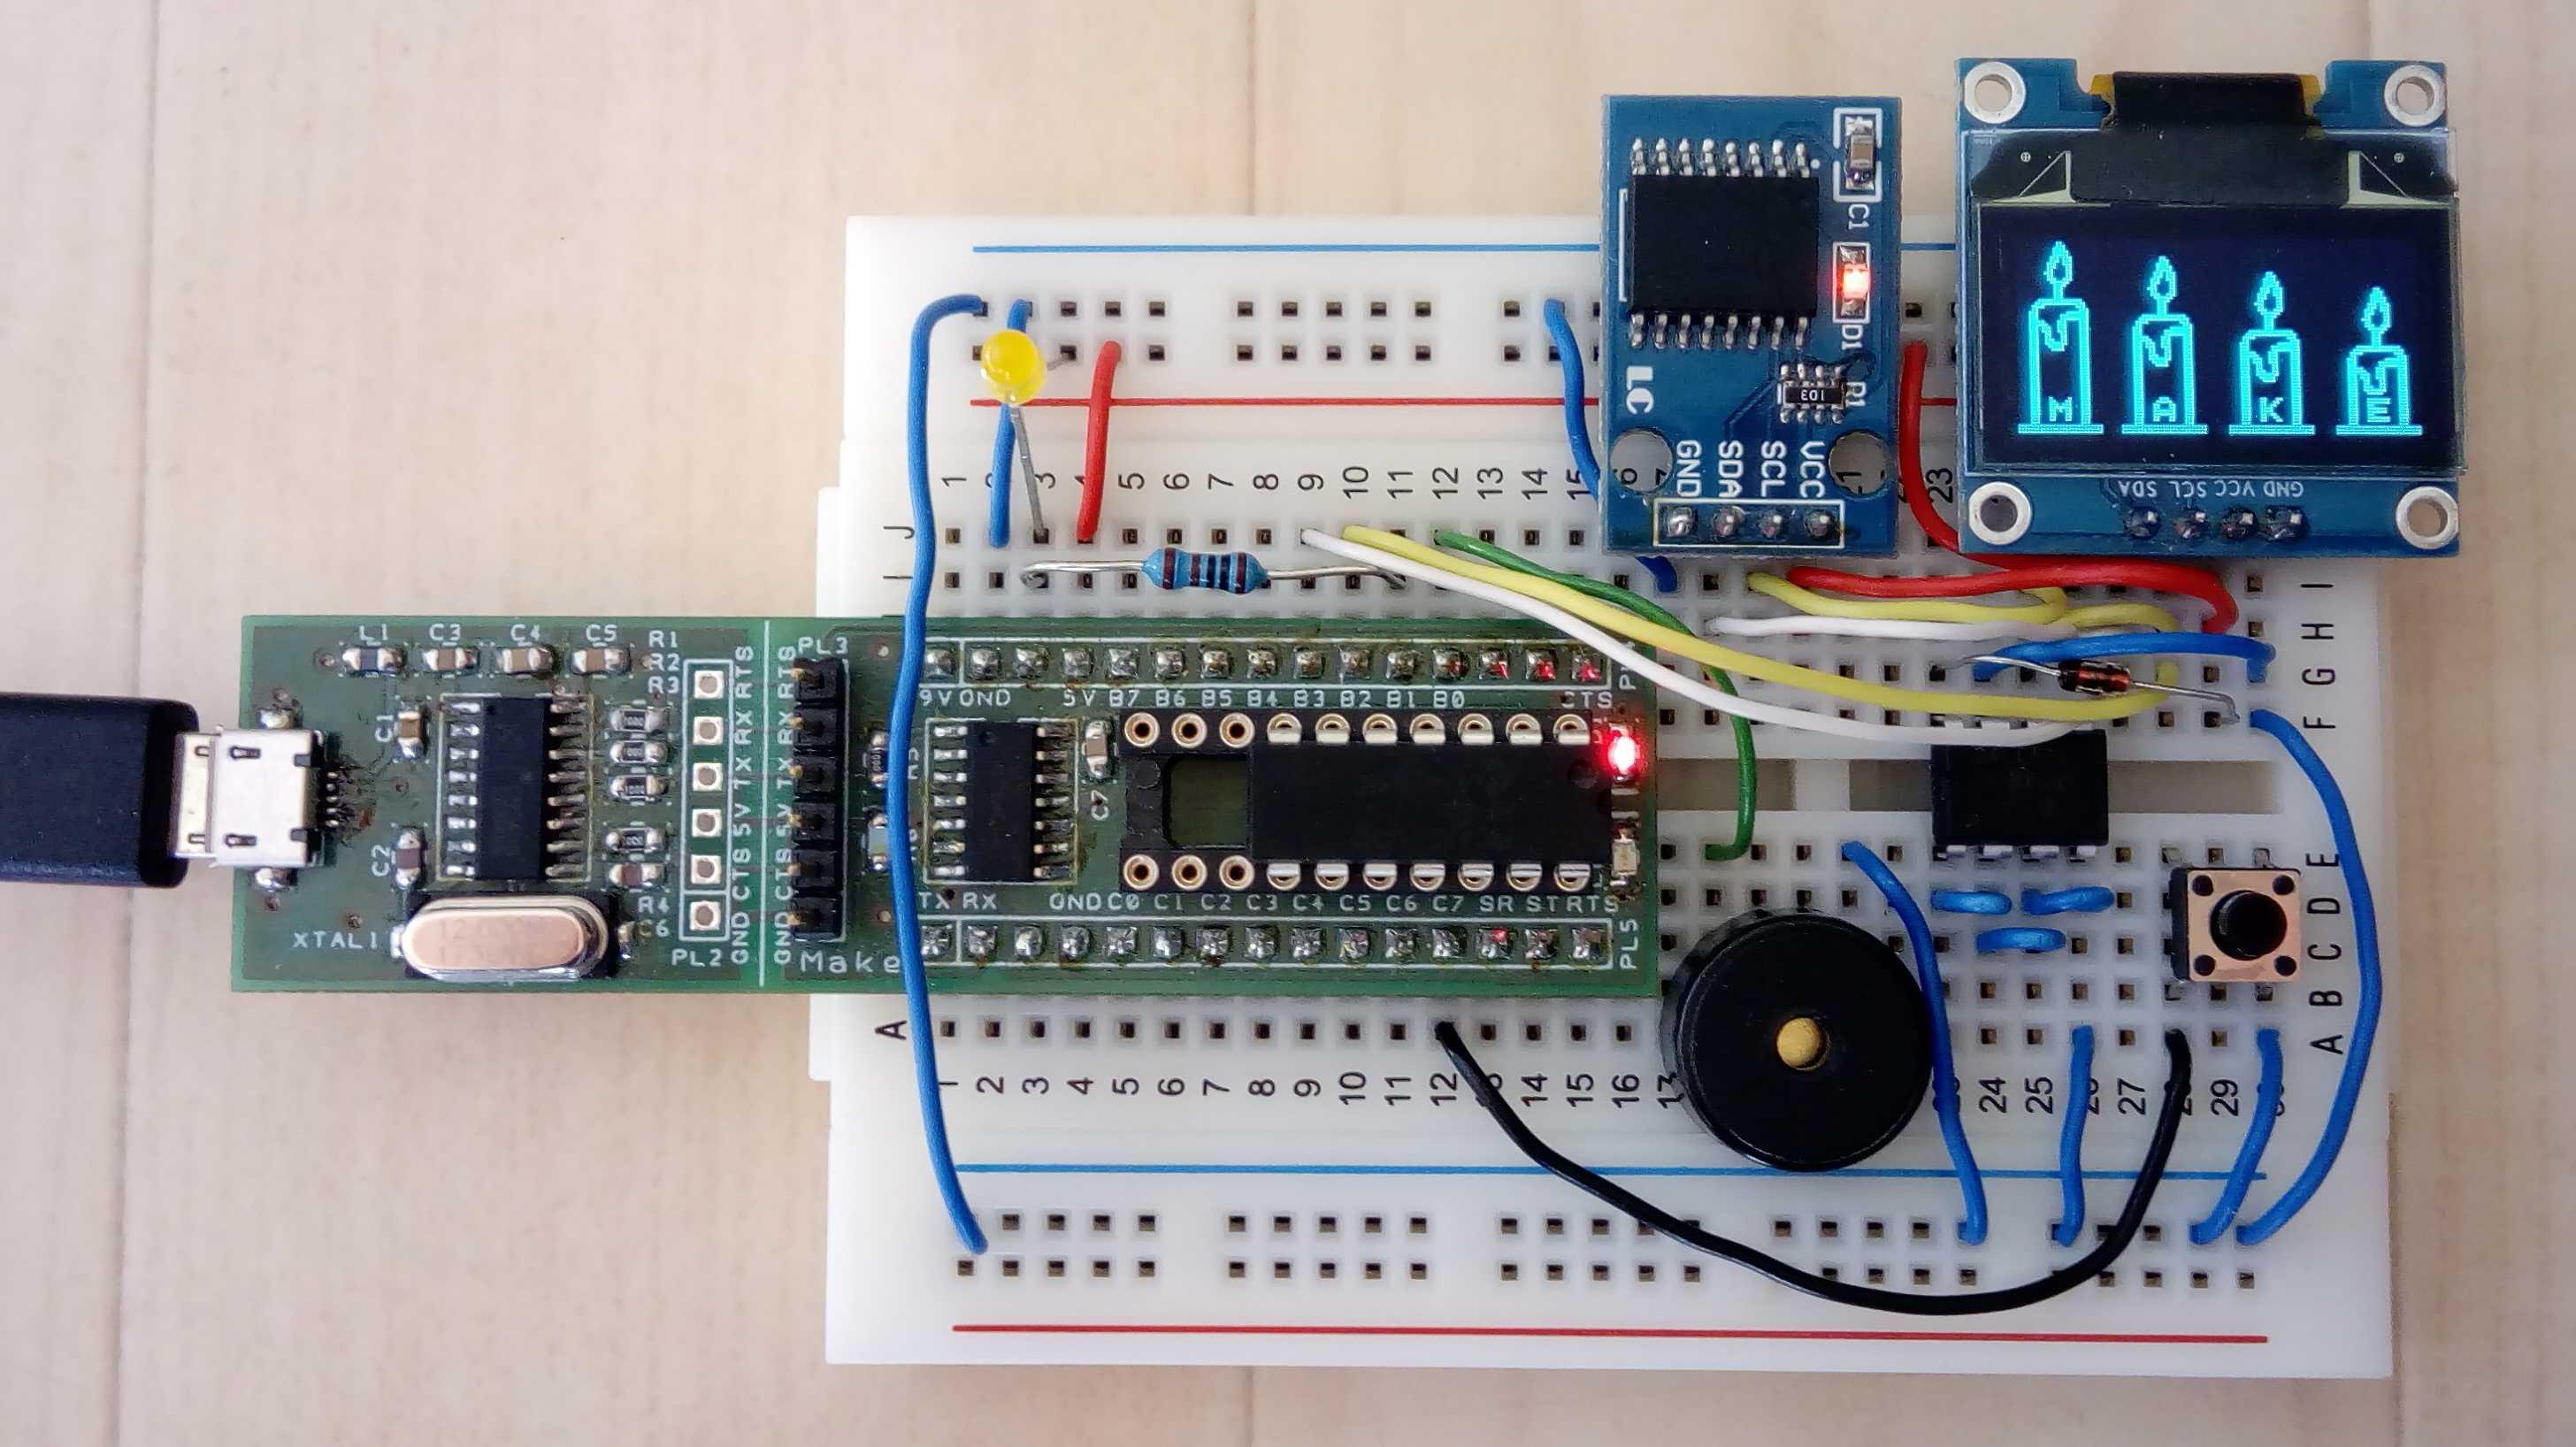 """Steckbrettaufbau mit Nano-Axe-Board, OLED, Piezo-Summer und Echtzeituhr. Auf dem OLED """"leuchten"""" vier Kerzen."""